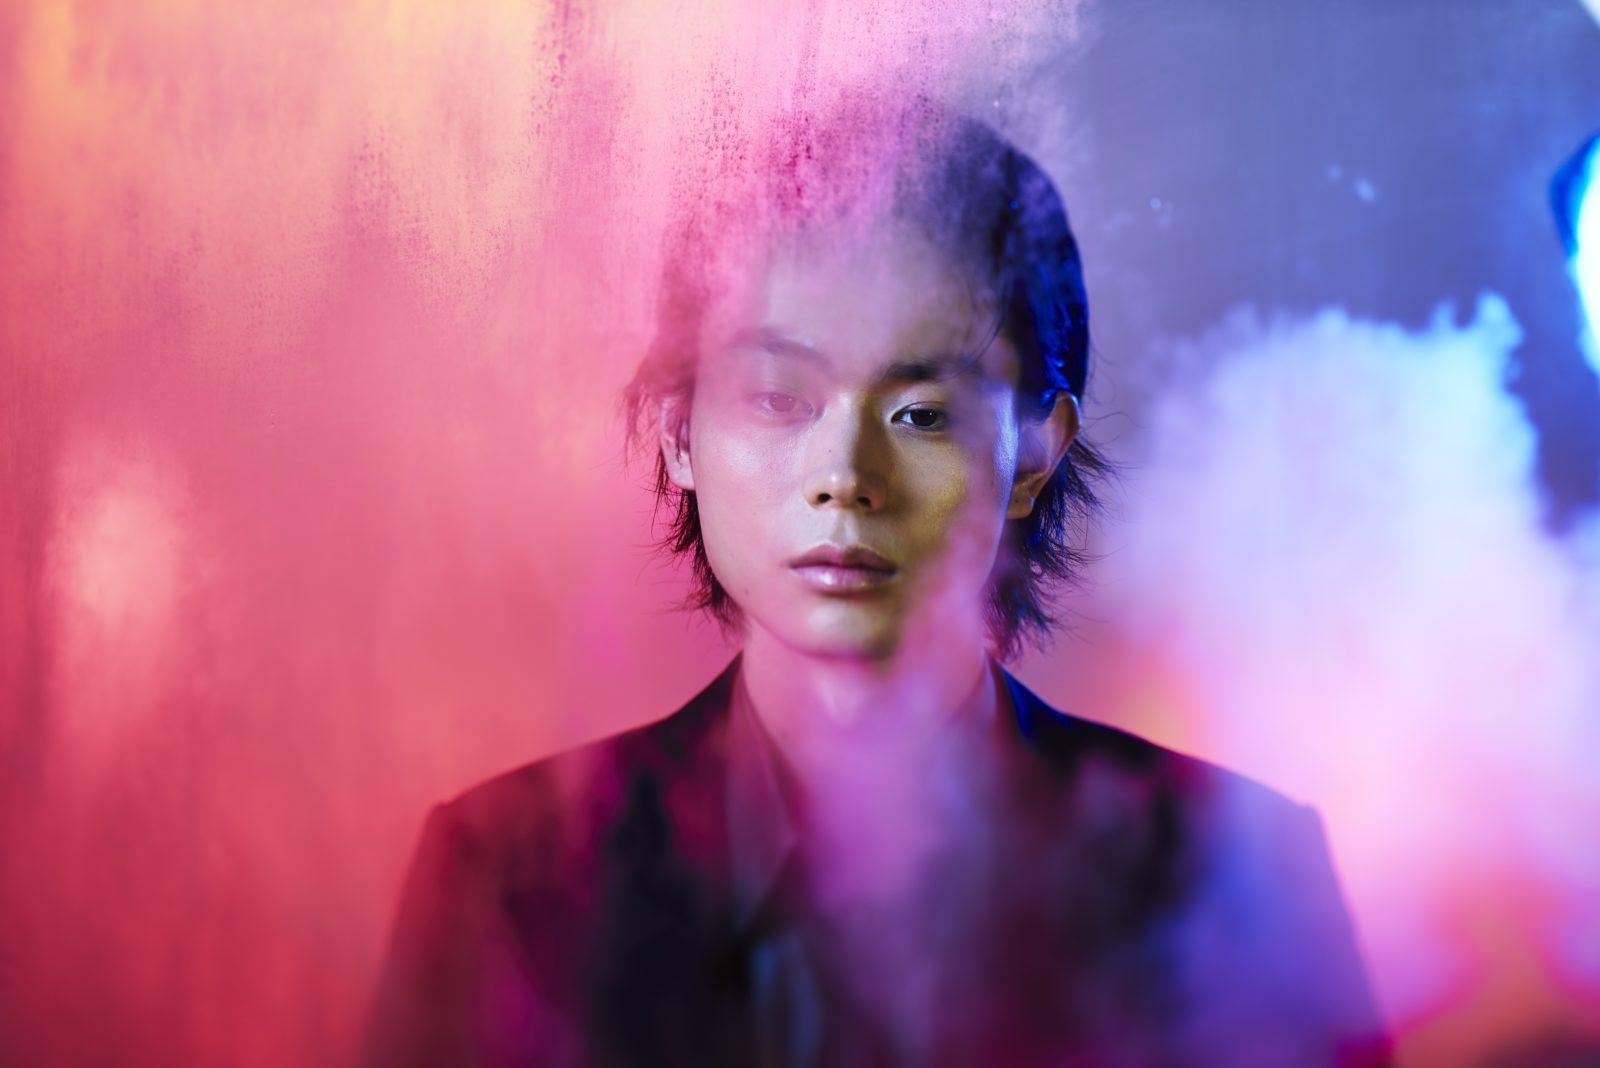 菅田将暉、三代目JSB・山下健二郎との共演に不安?漏らす「ついていけるかなぁ」サムネイル画像